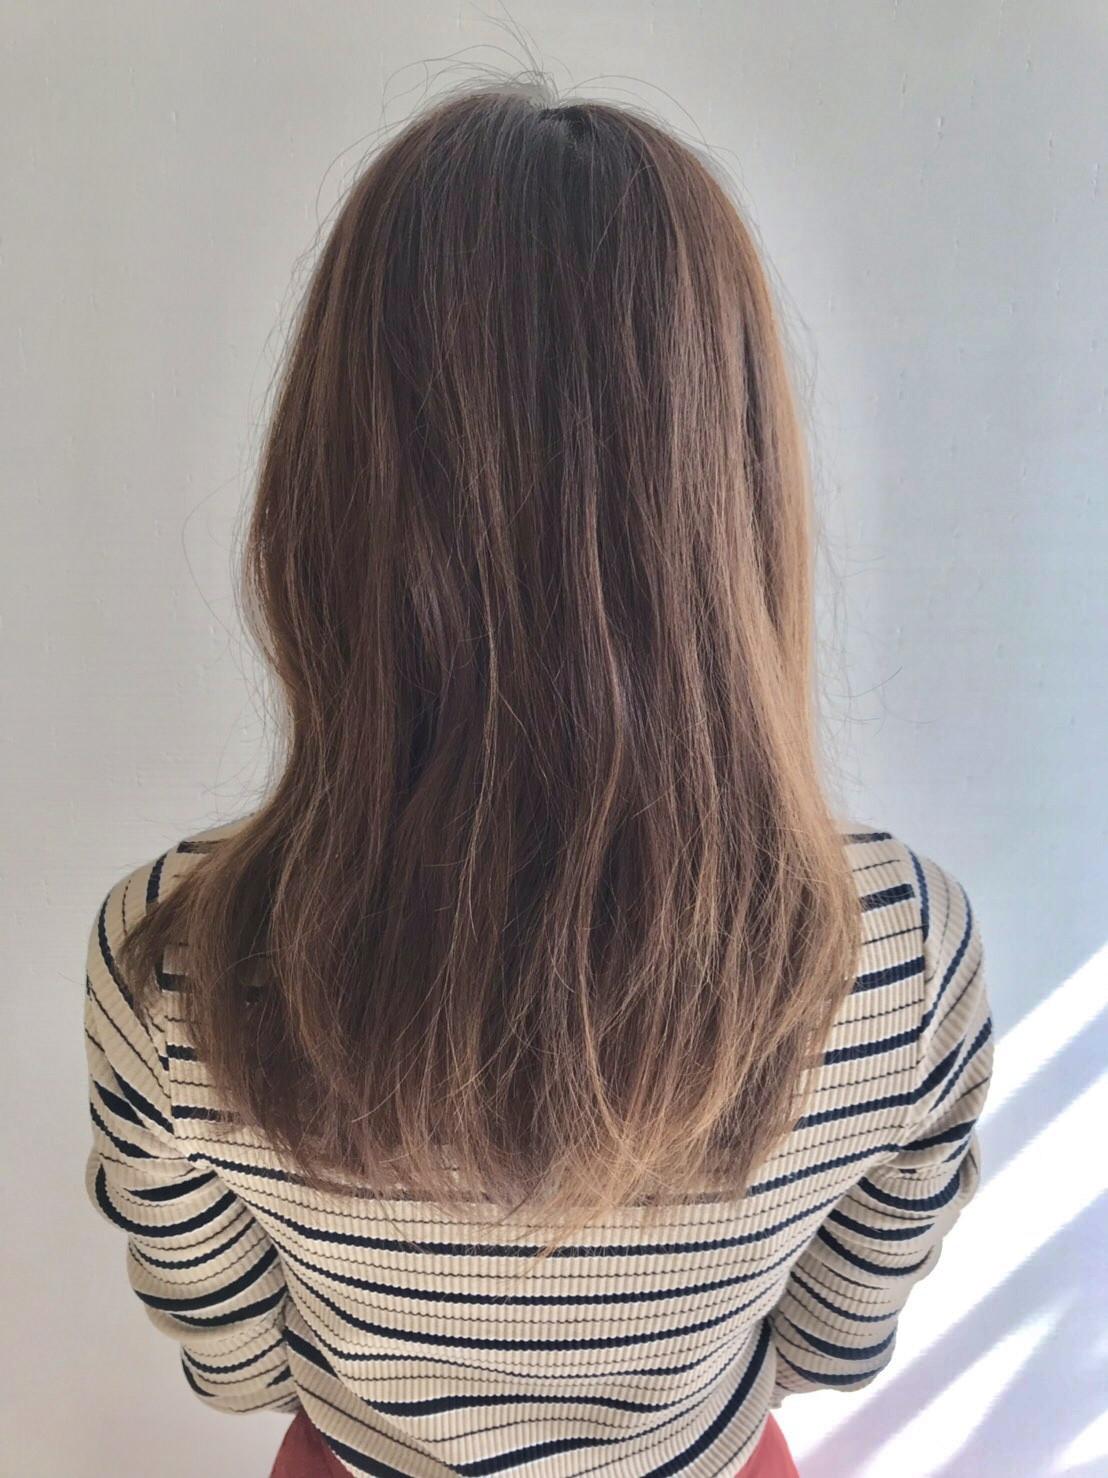 【髪質改善】ヘアケアマイスターのトリートメントがすごい!